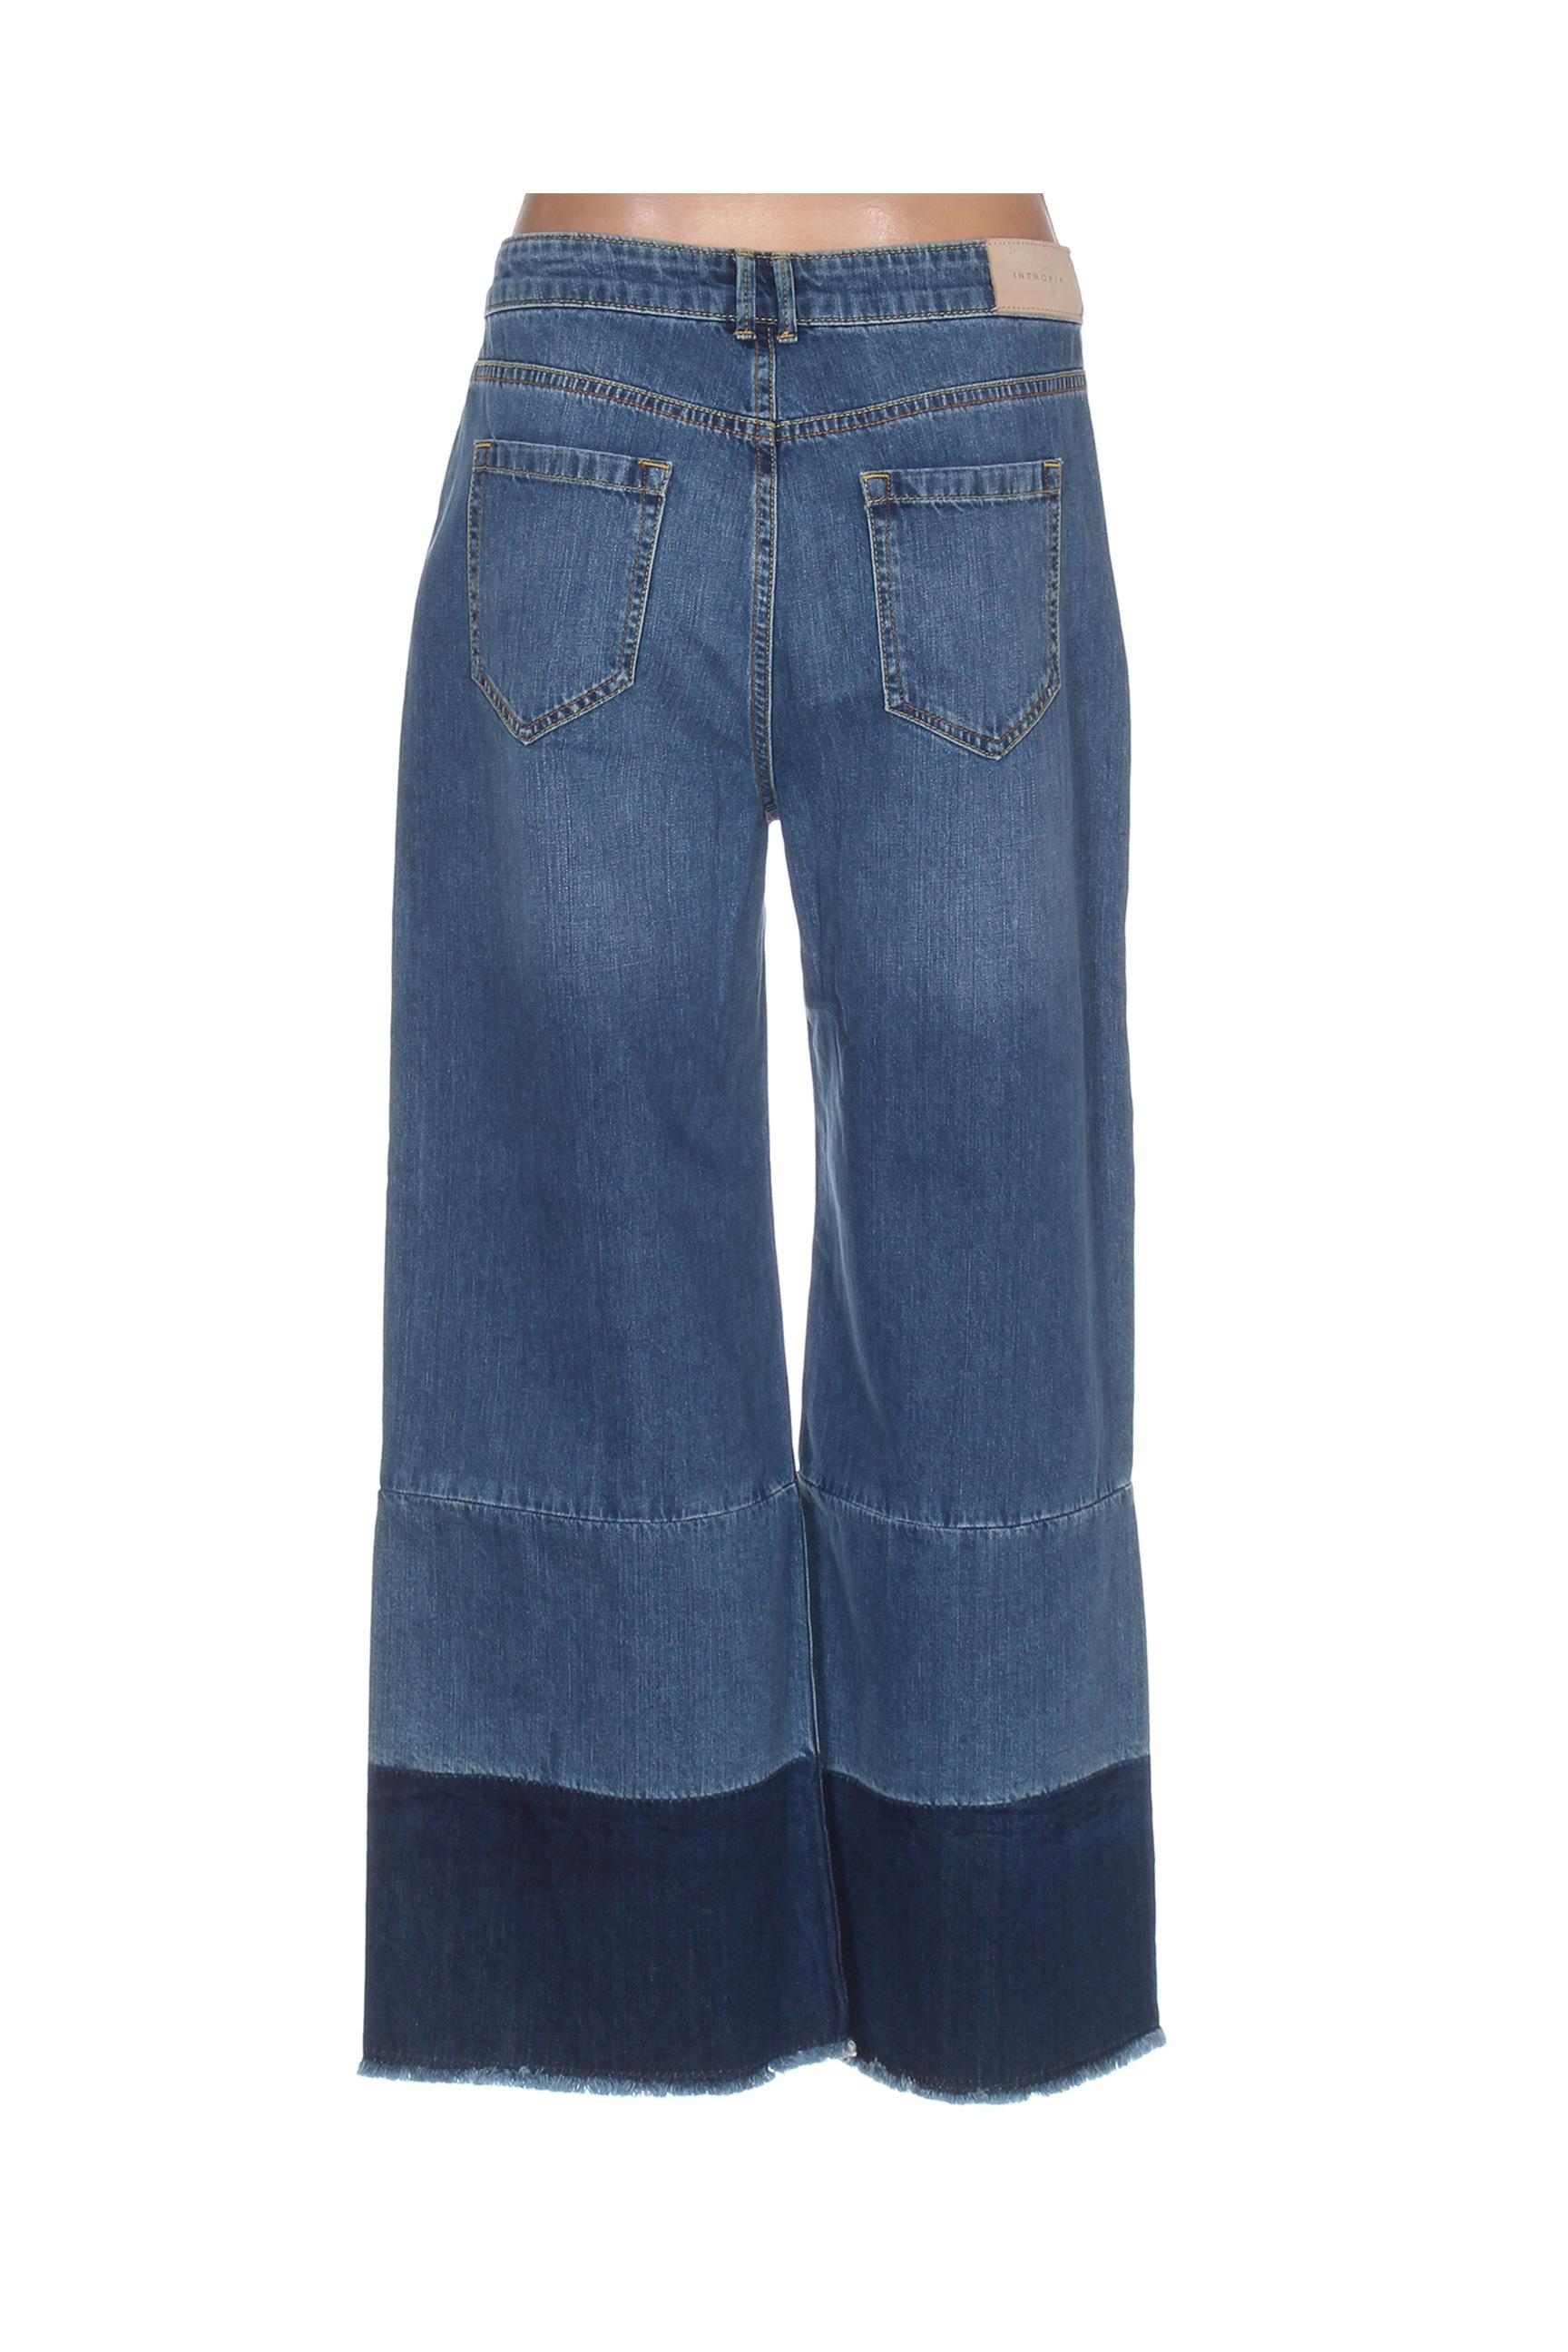 Intropia Pantalons Decontractes Femme De Couleur Bleu En Soldes Pas Cher 1270660-bleu00